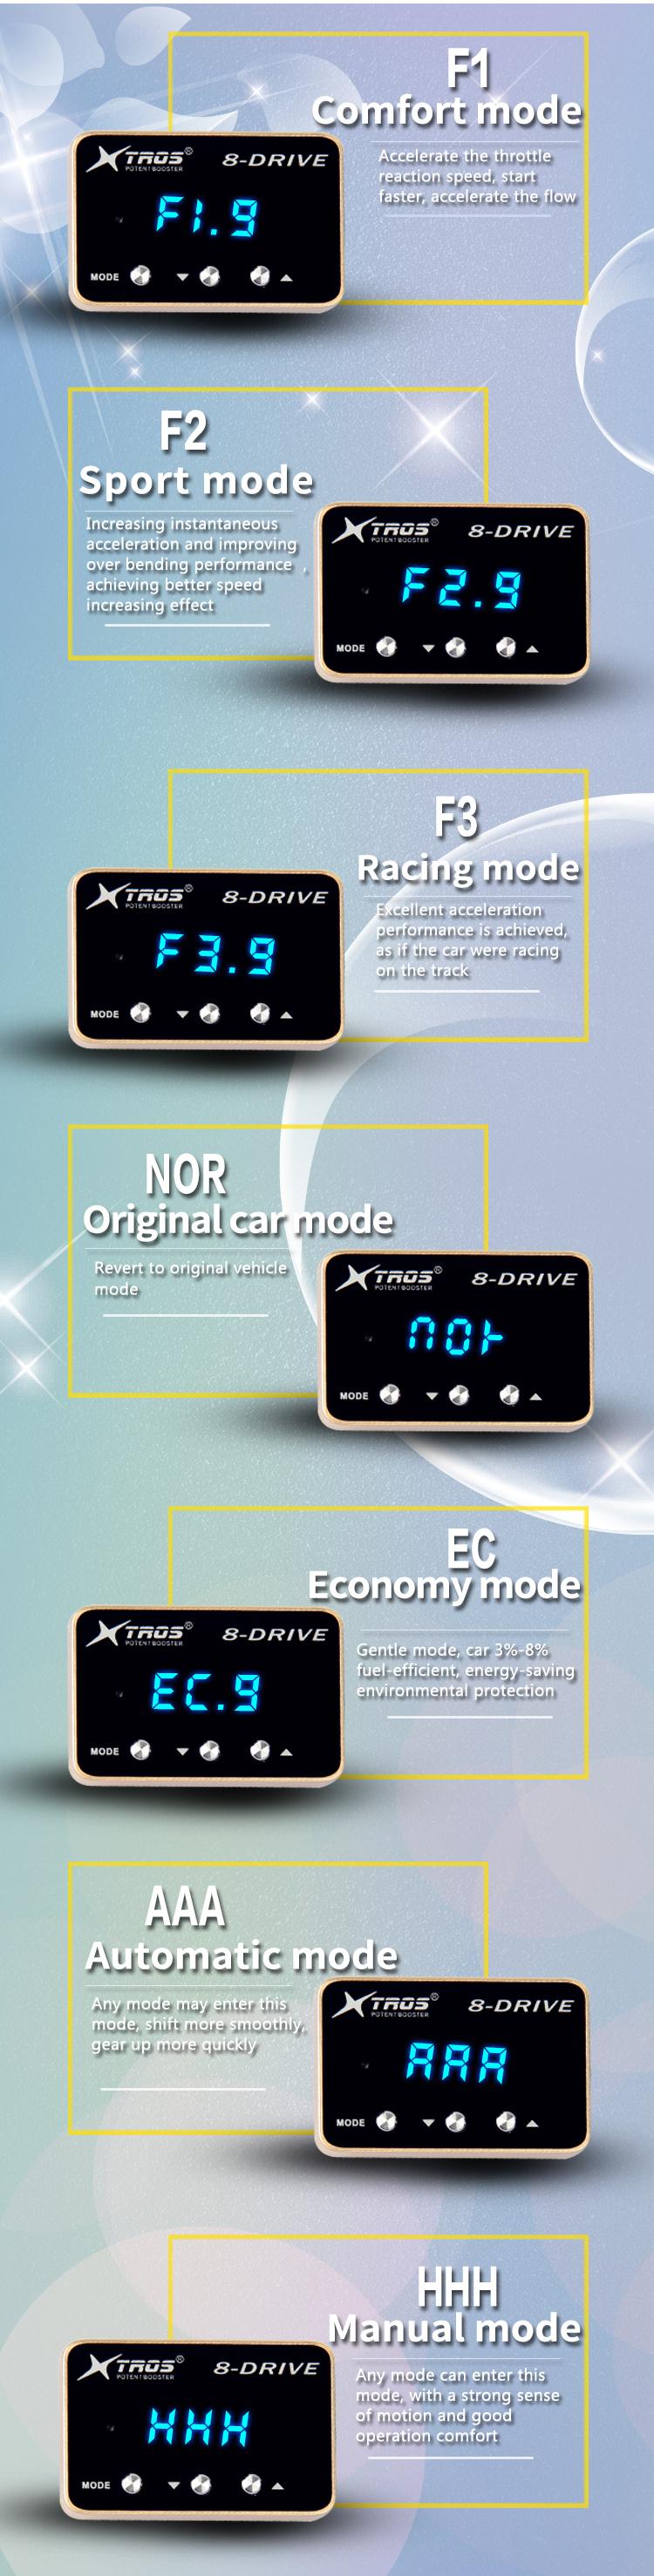 คันเร่งการตอบสนองต่อ controller fit สำหรับ honda civic body kit ลบเครื่องยนต์ lag moq 1